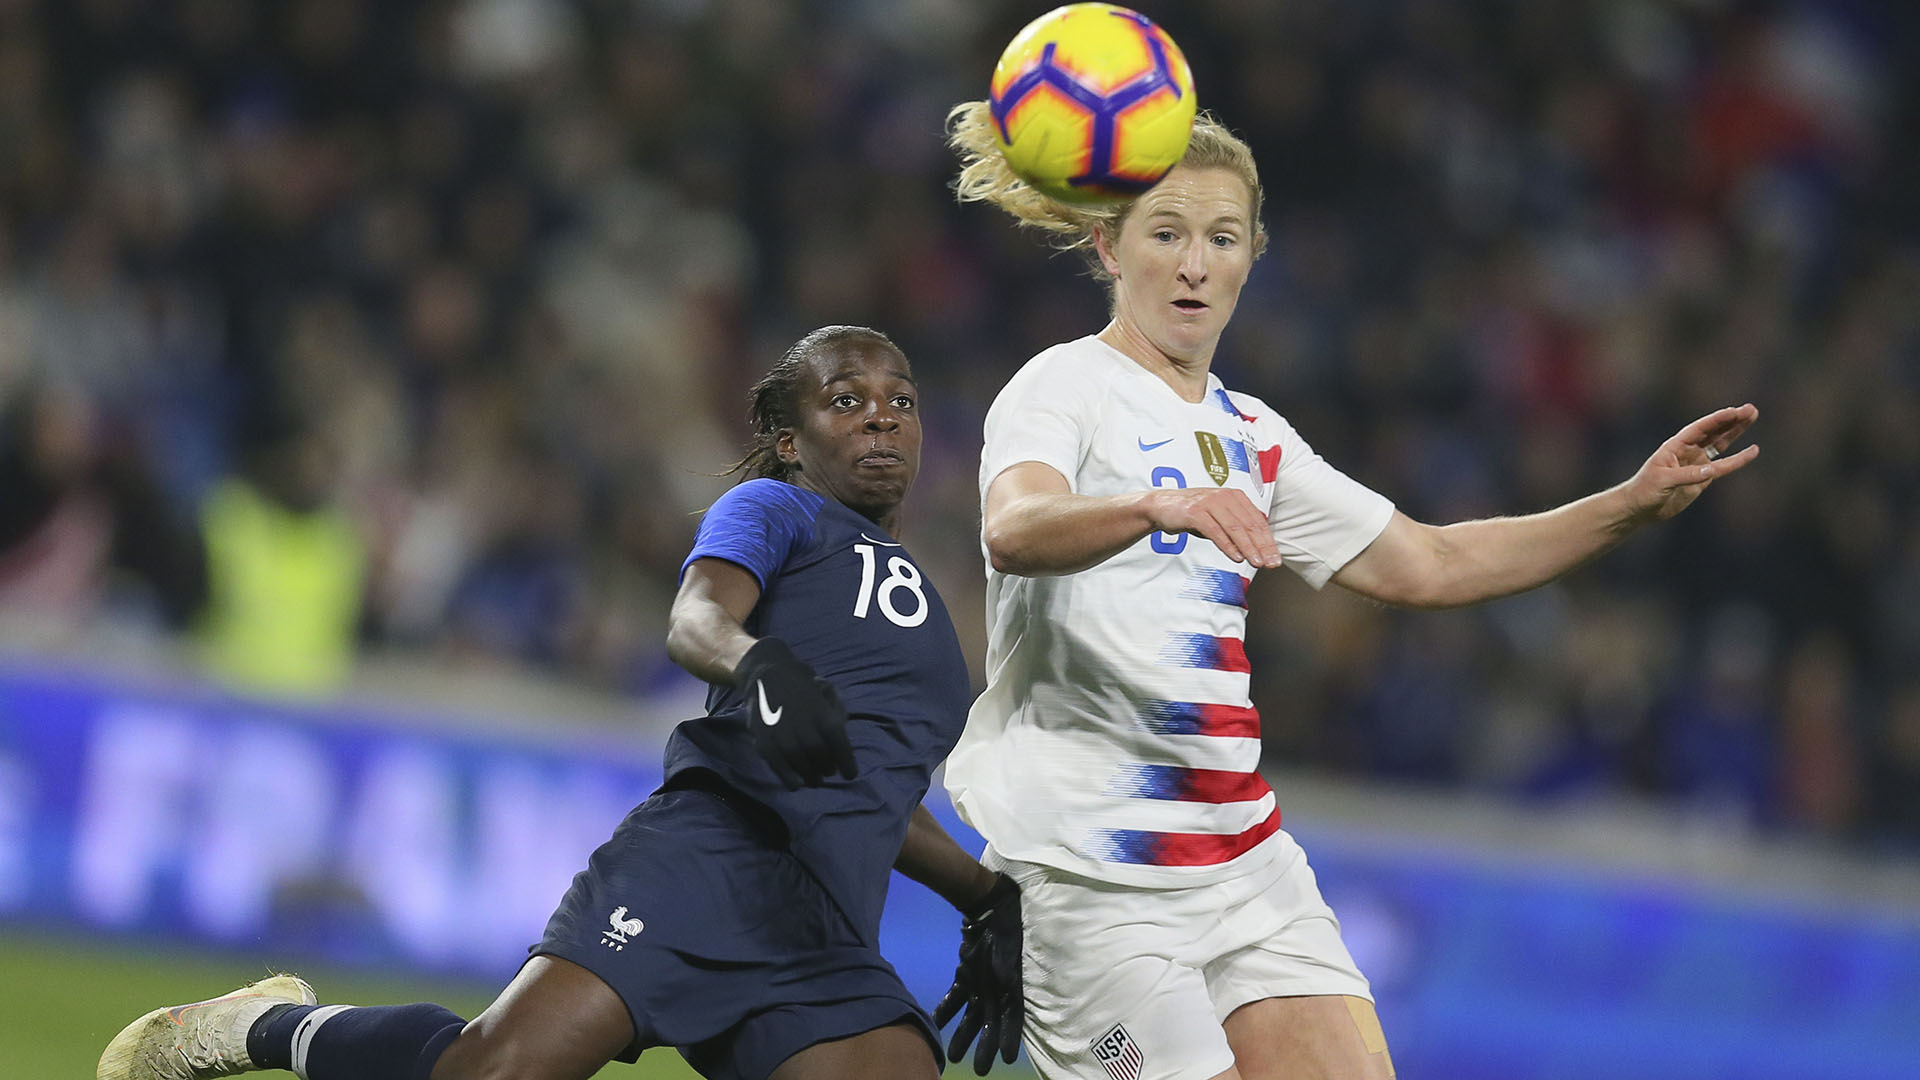 El conjunto galo se impuso por 3-1 en Le Havre (AP)